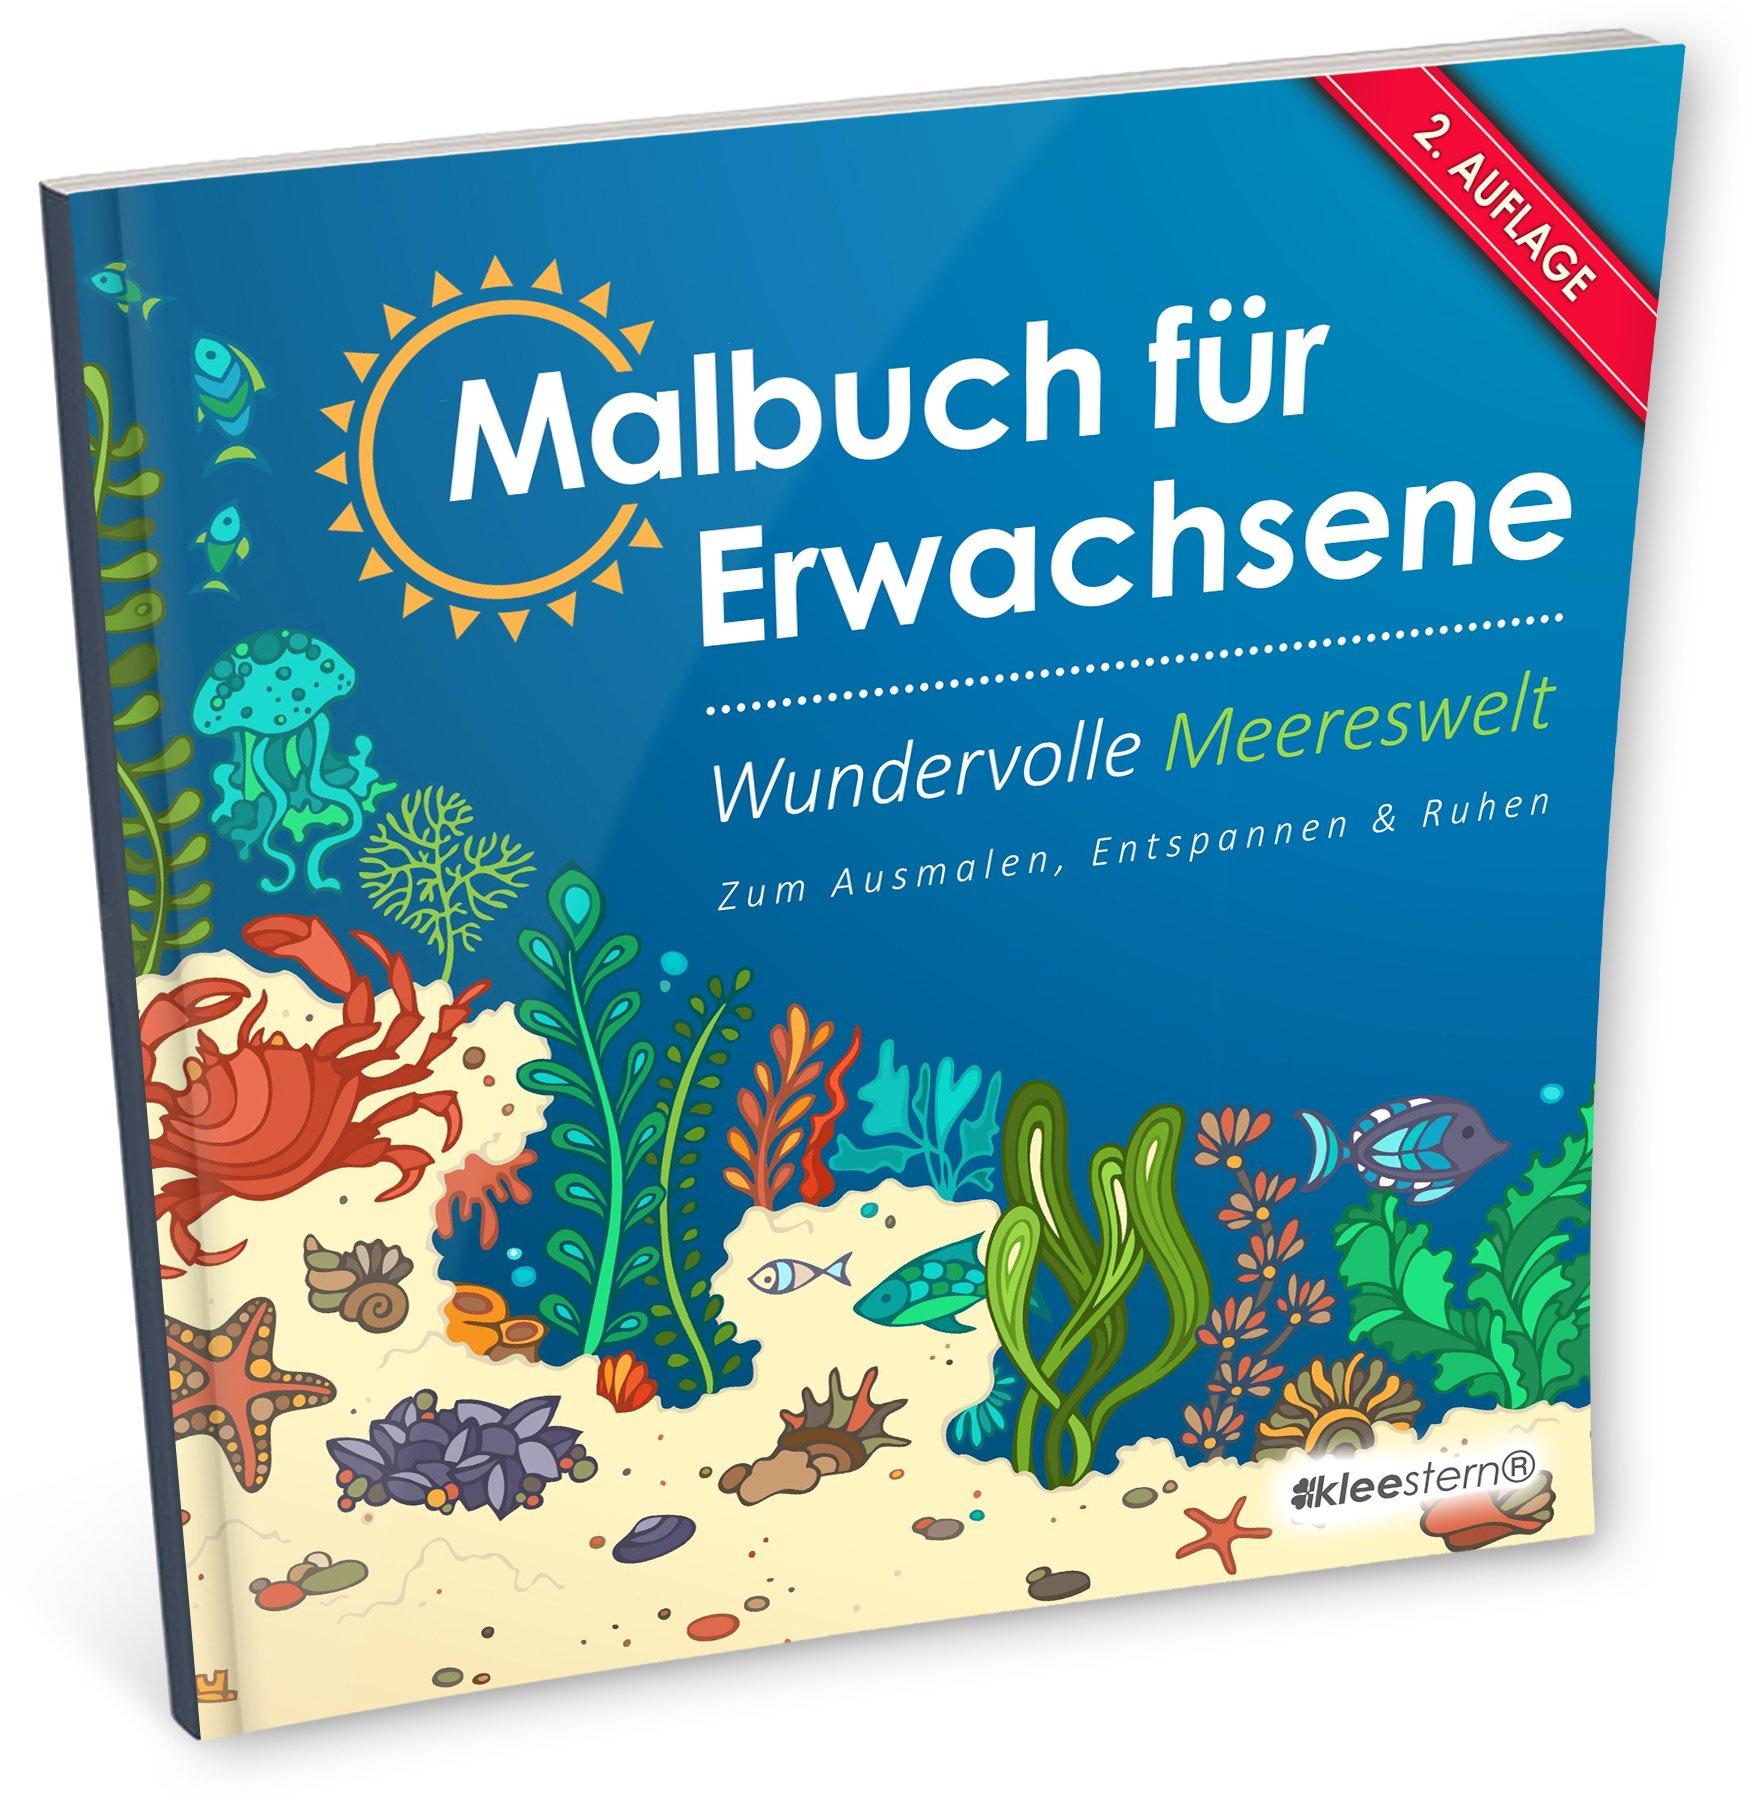 Malbuch für Erwachsene: Wundervolle Meereswelt zum Ausmalen ...